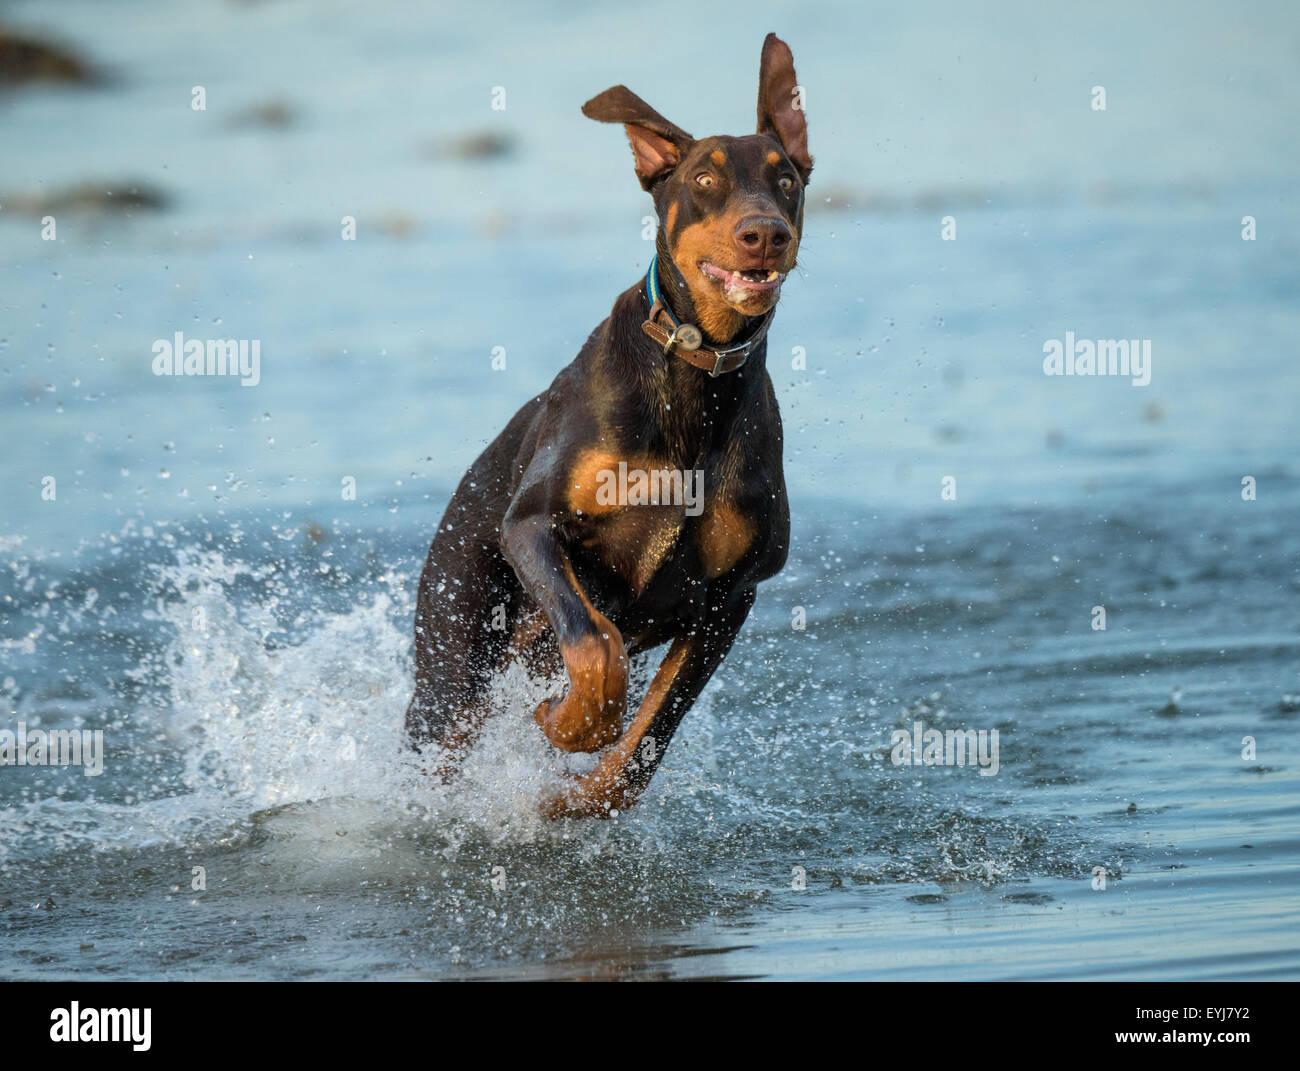 Doberman pincer dog running in water - Stock Image